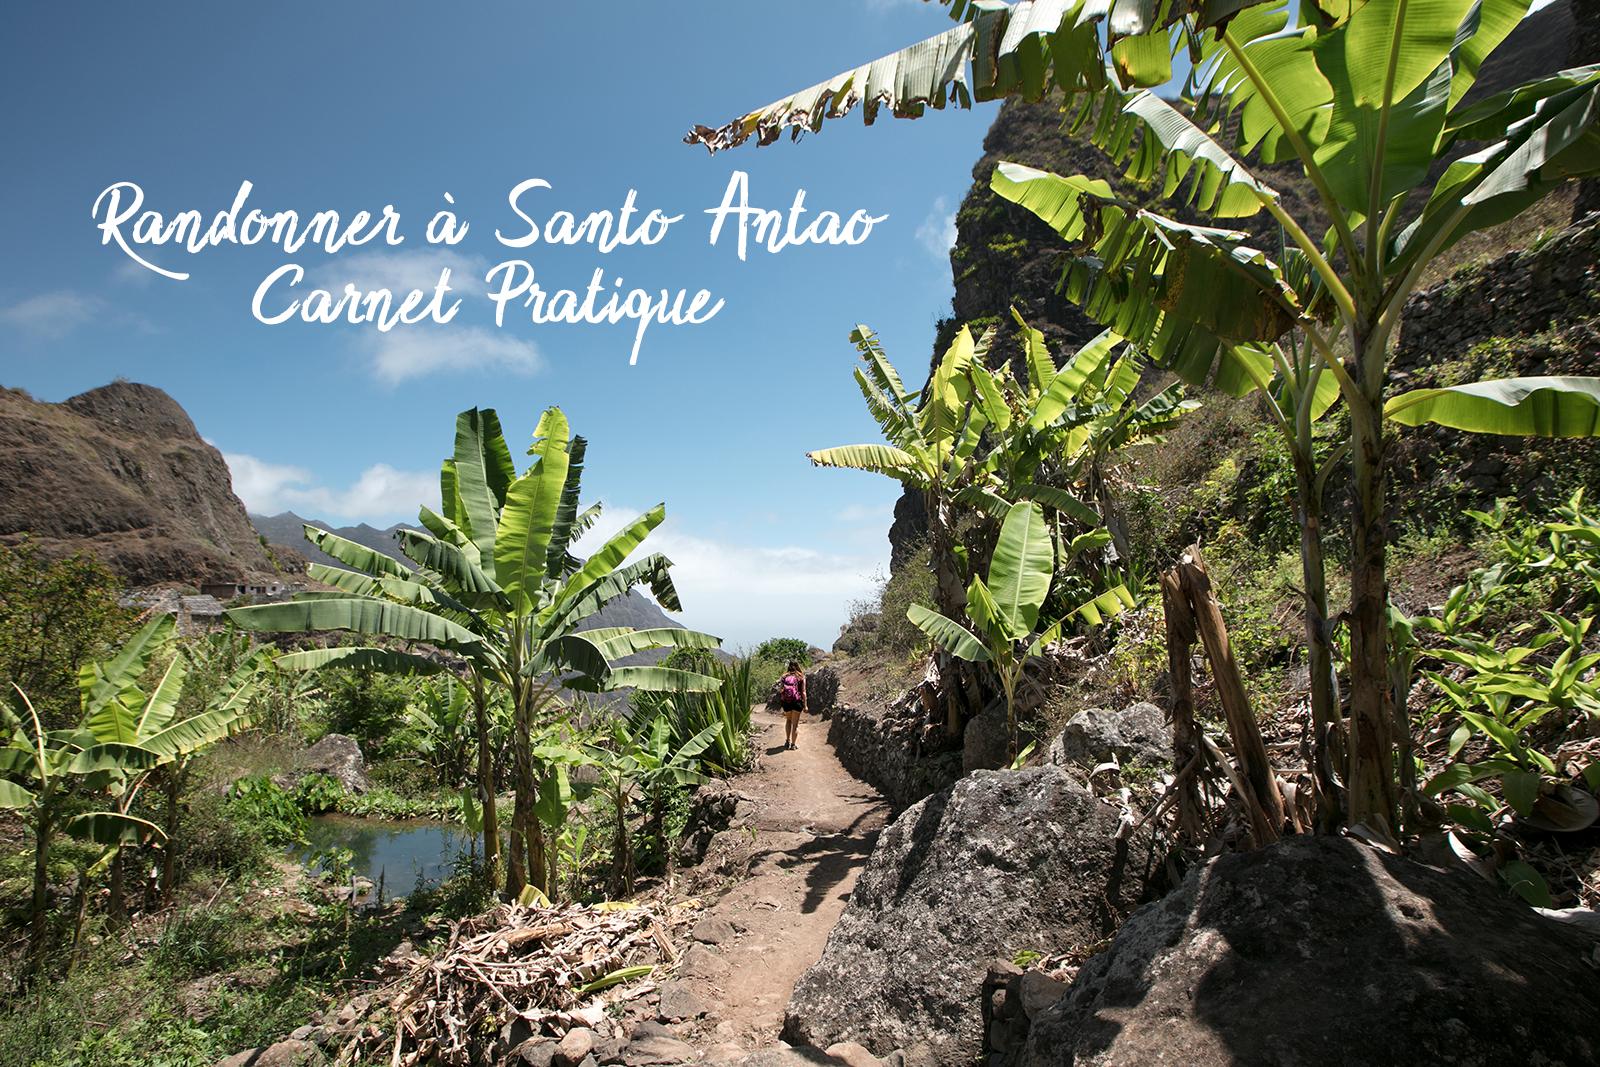 Préparer un voyage au Cap Vert, randonner à Santo Antao